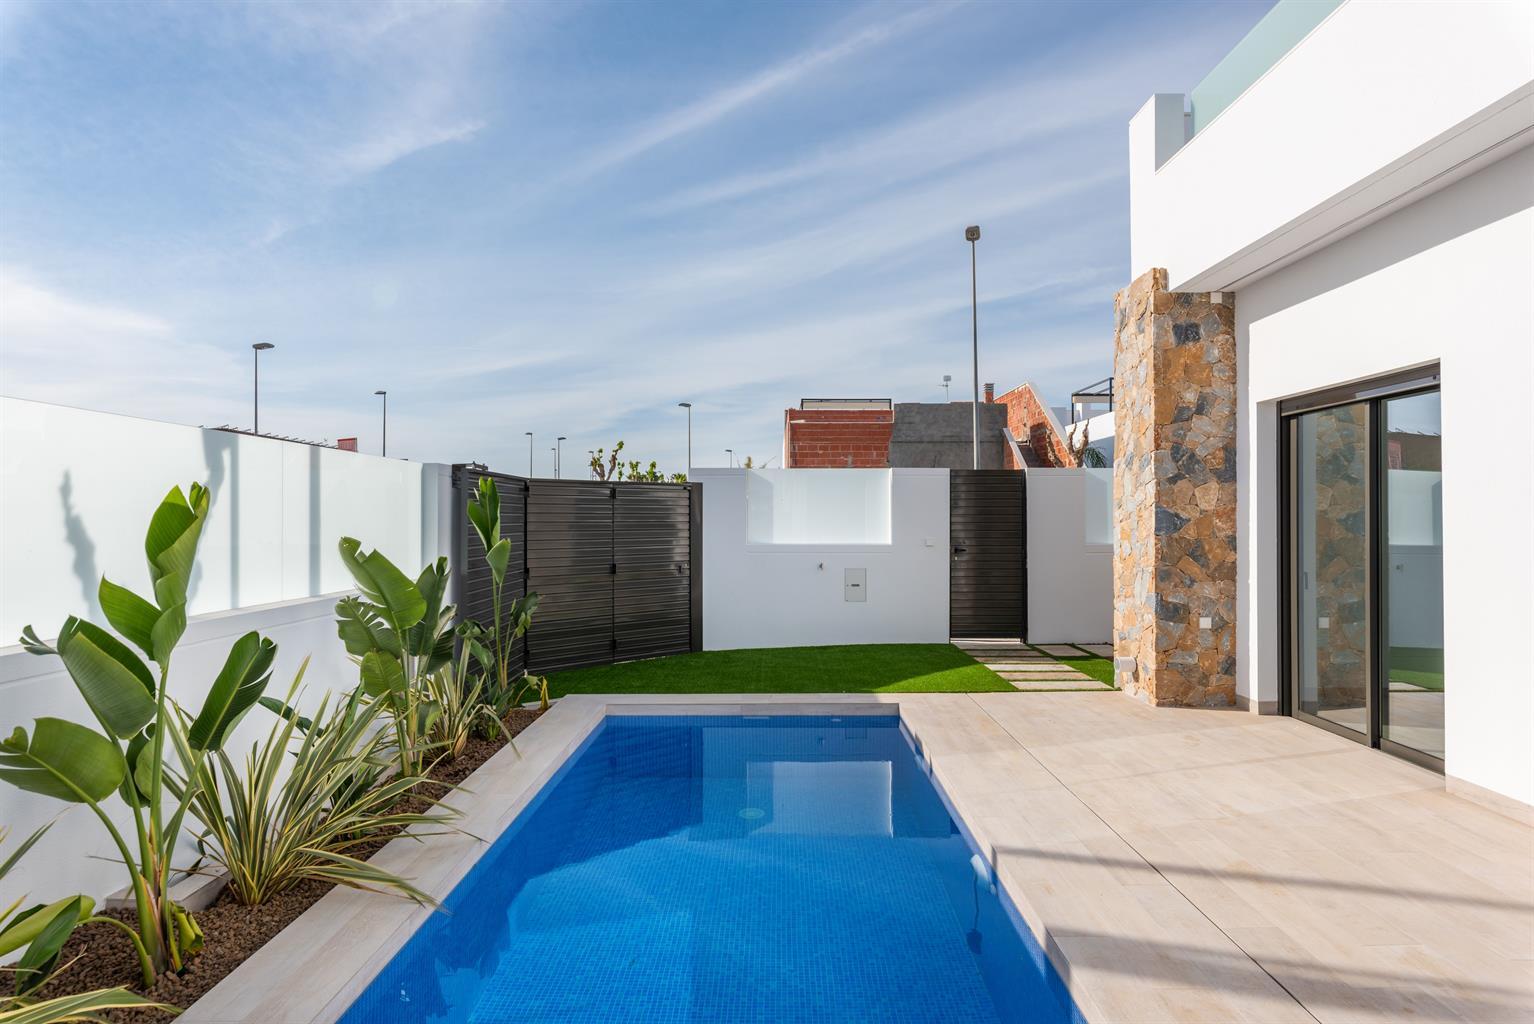 Maison - Pilar De La Horadada - #4227940-2